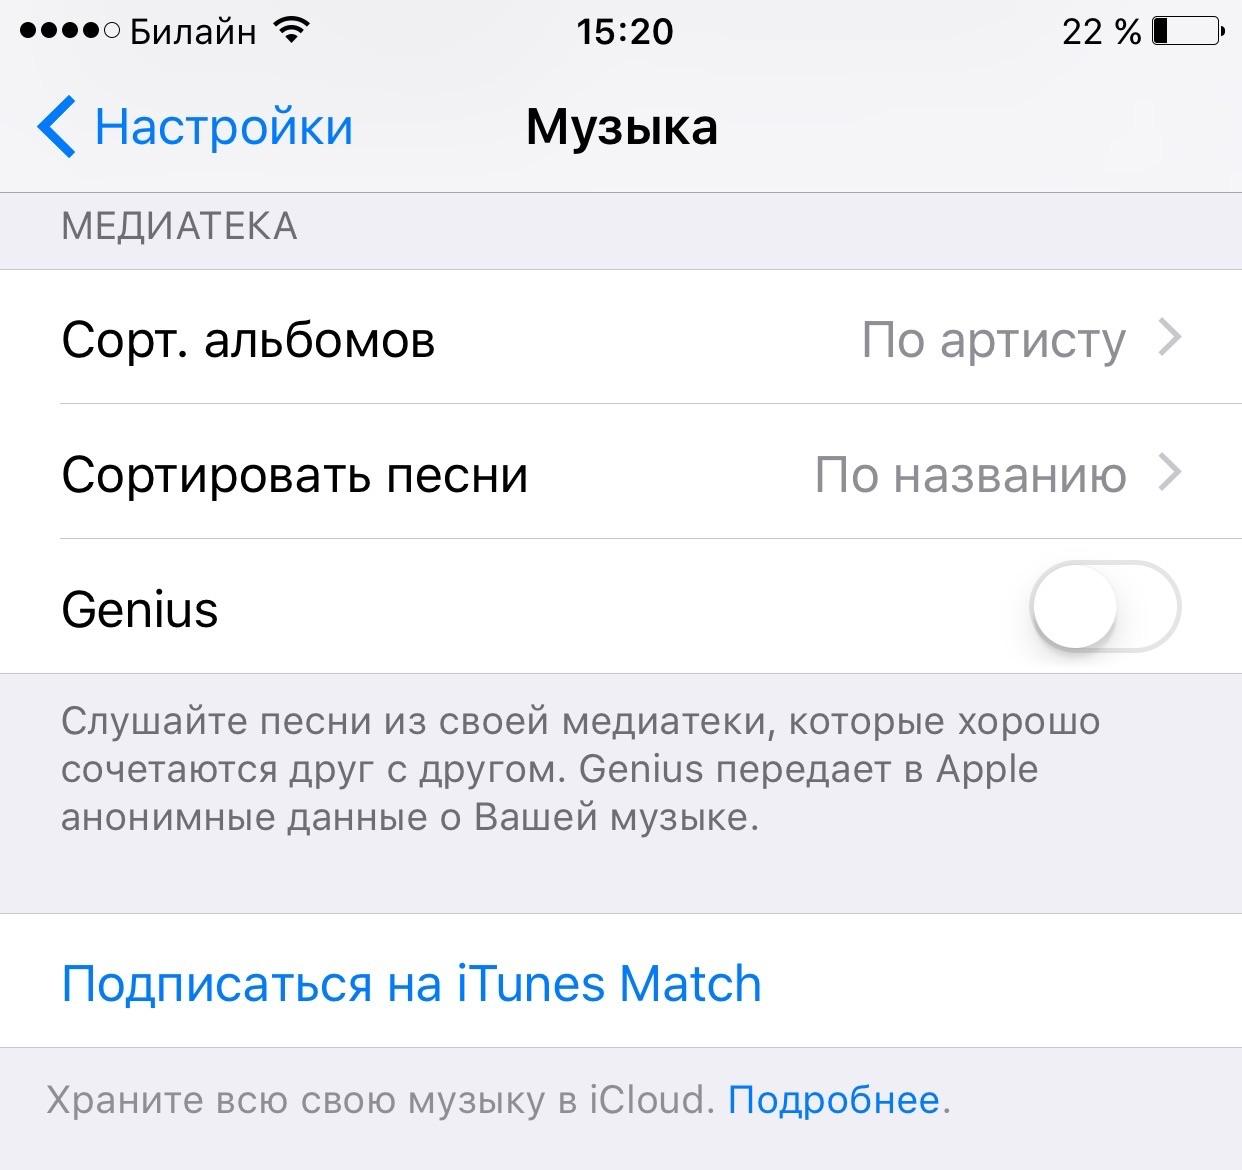 iTunes Match как подписаться